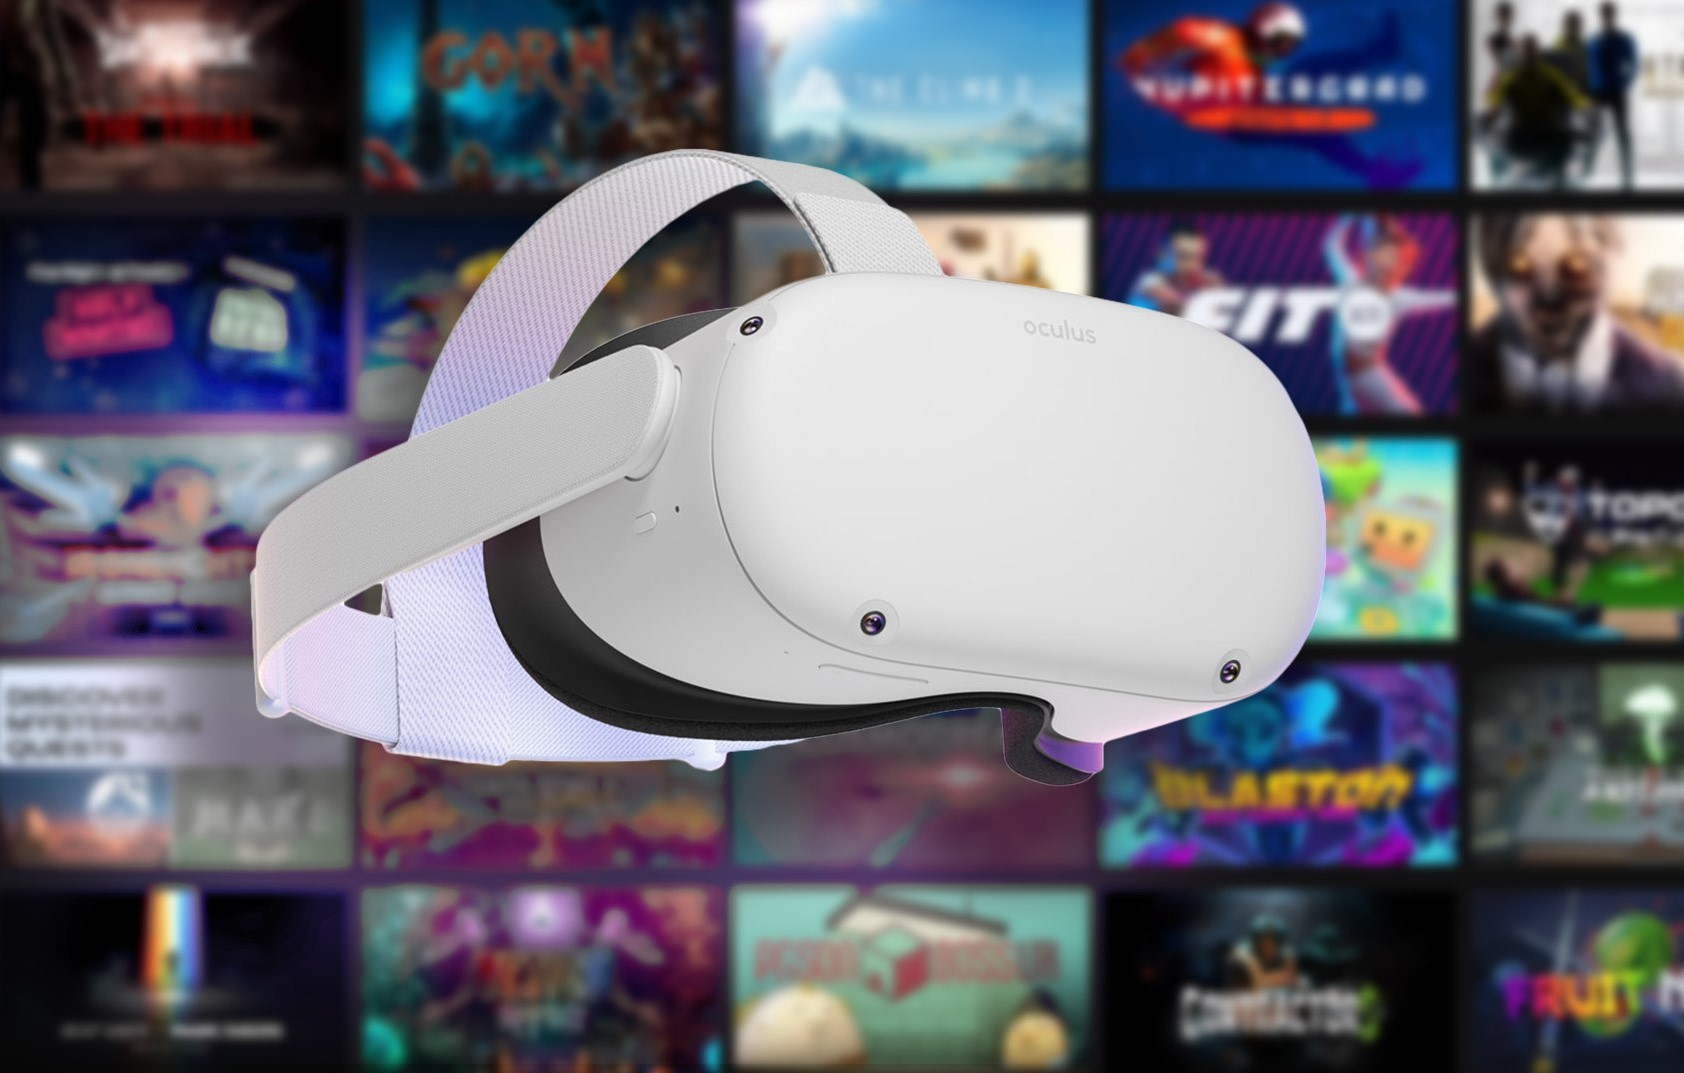 Quest Nutzer bekommen bis zum 30. August einen Monat Viveport gratis. Spielt unzählige PC VR-Spiele umsonst